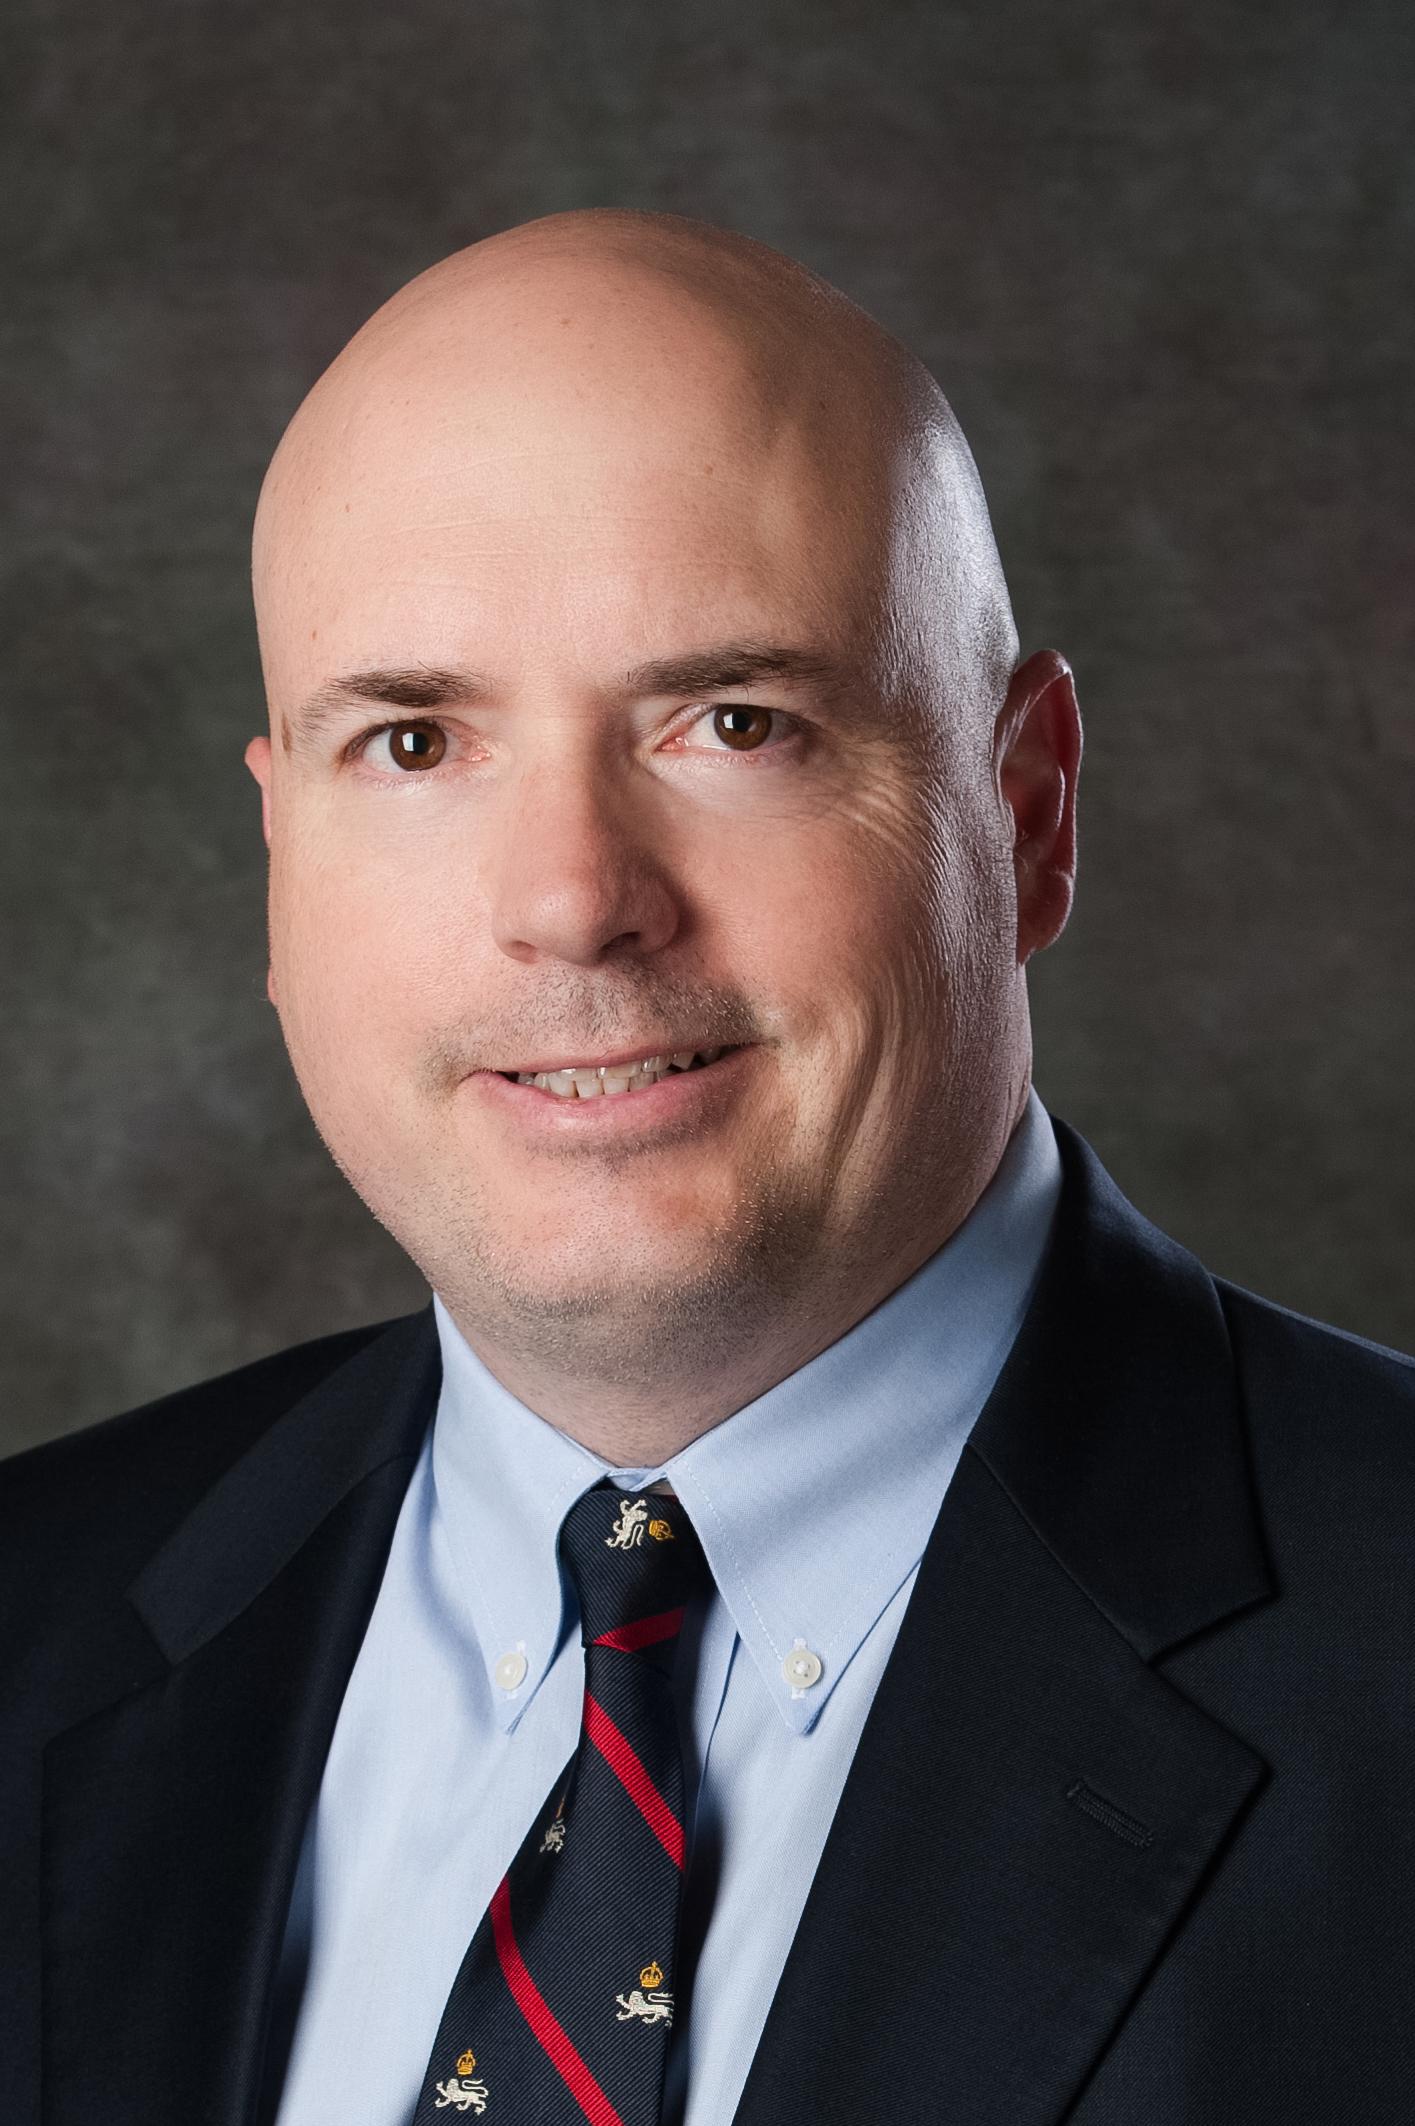 Dr. William Dixon, IV